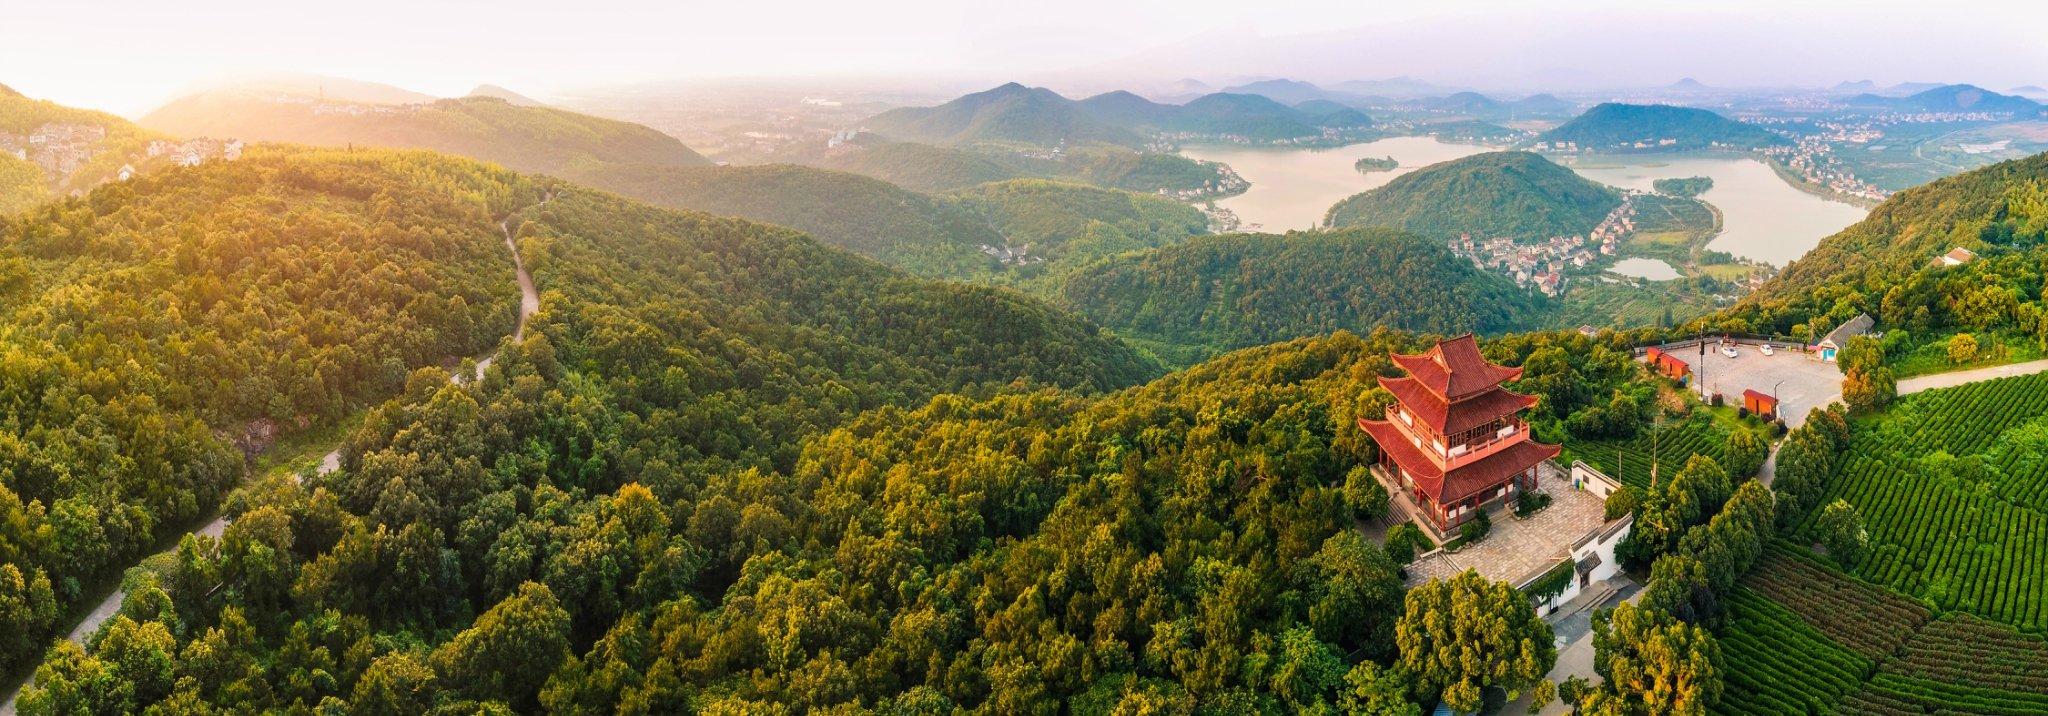 浙夏度假:乌镇南,嘉兴南北湖--开着车爬山、望海、游湖